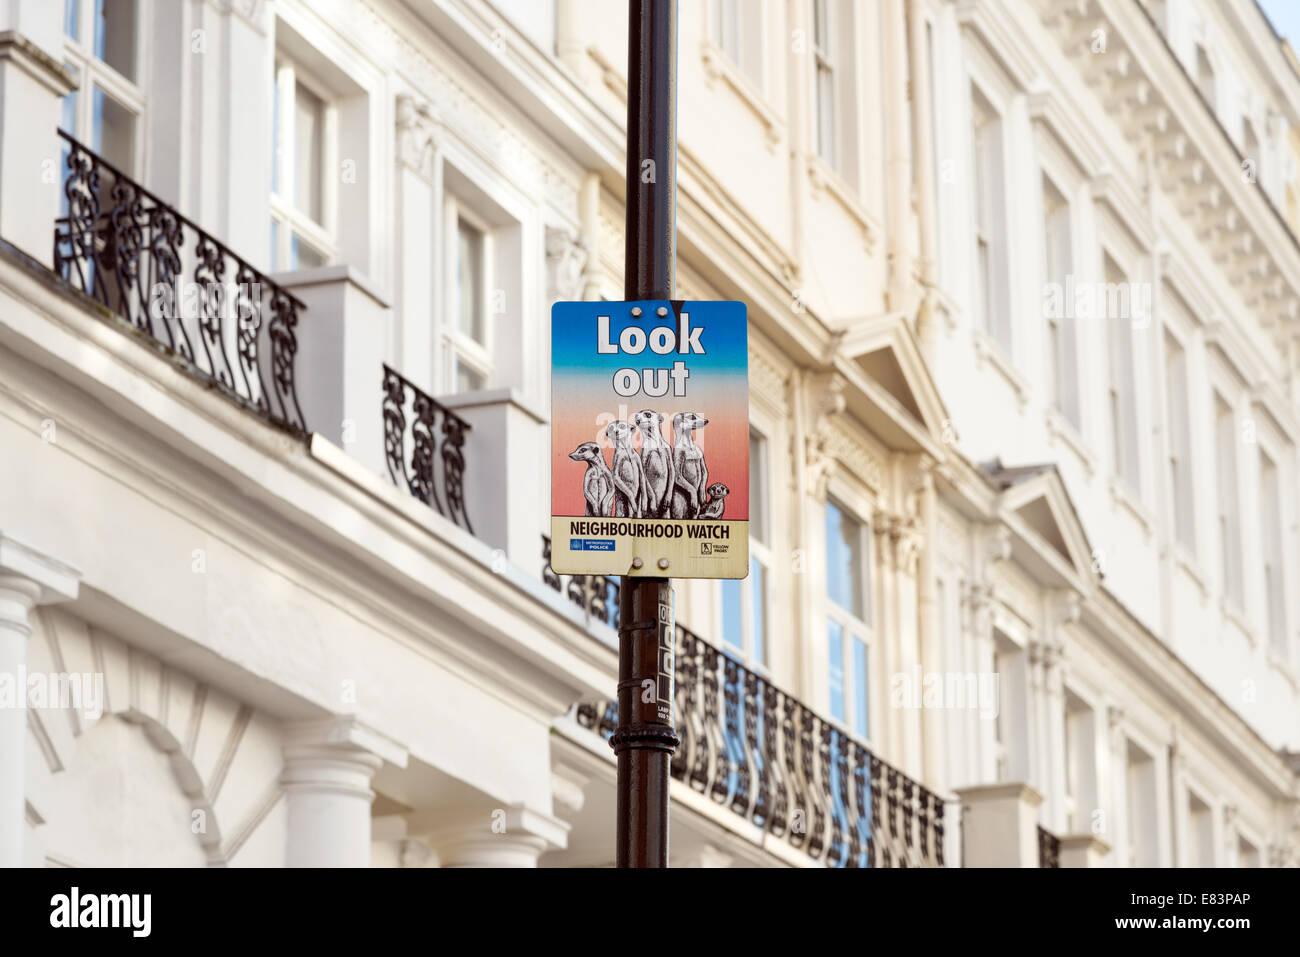 Meerkats on a Neighbourhood Watch street sign, Notting Hill, London, England, UK - Stock Image